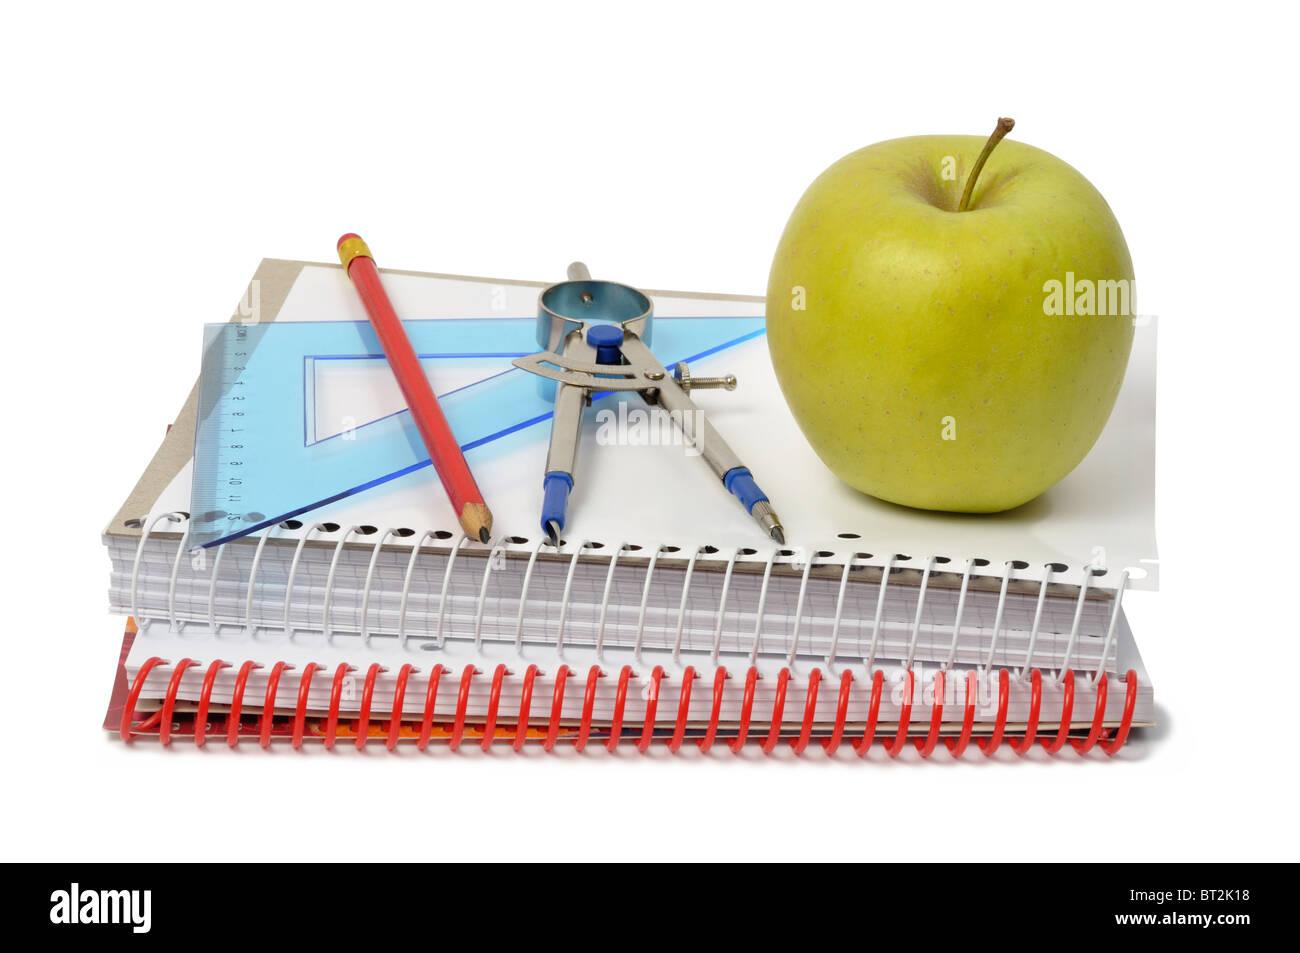 Accesorios escolares Imagen De Stock